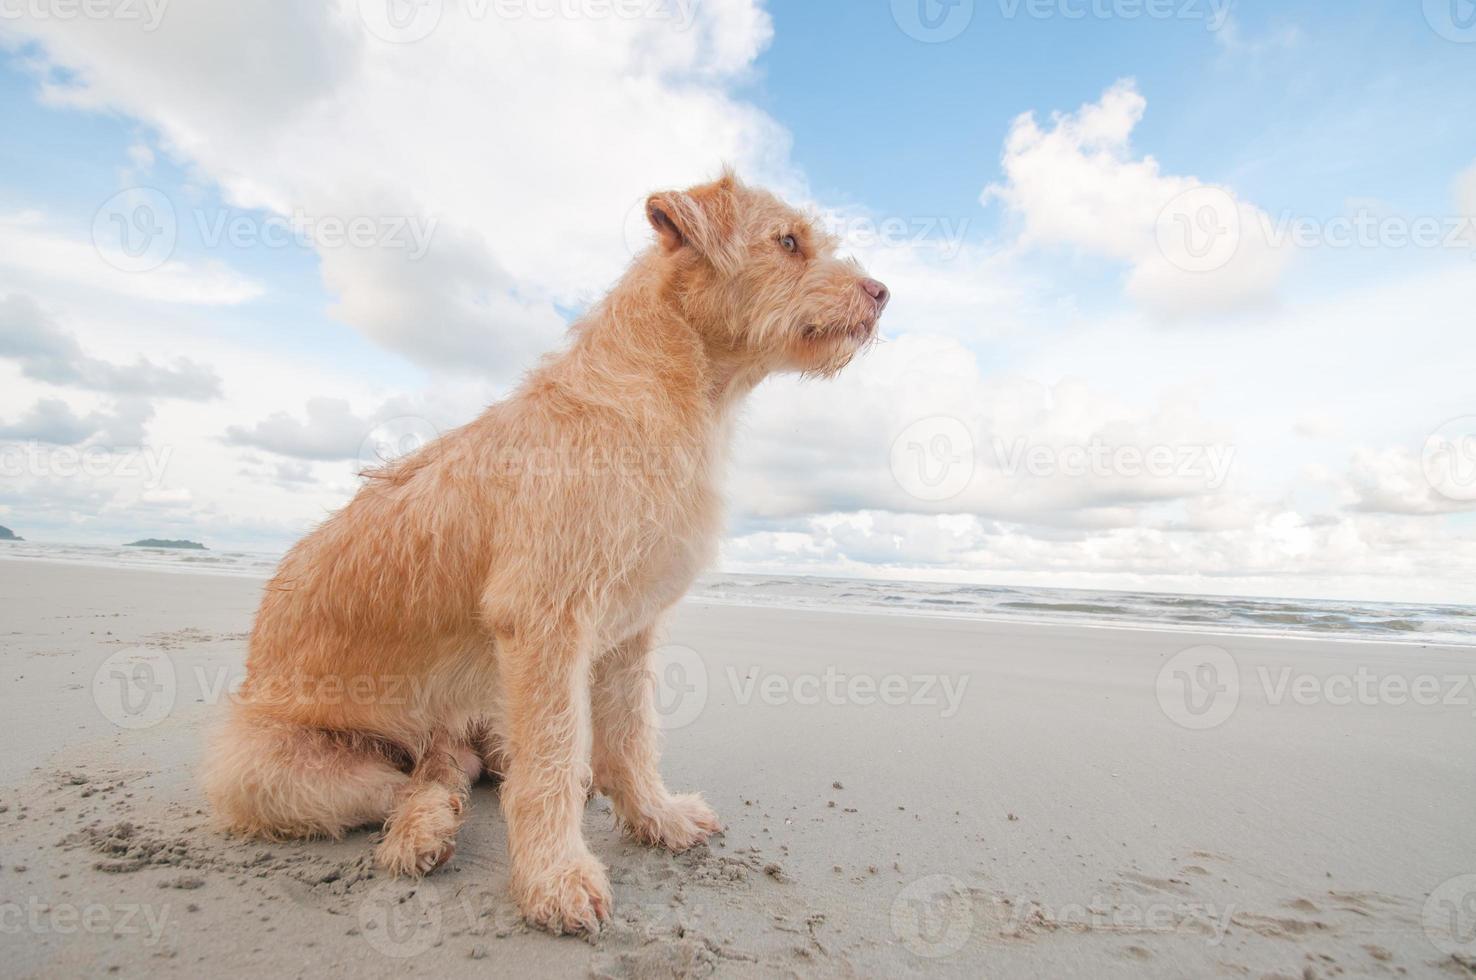 el perro descansando en la playa foto